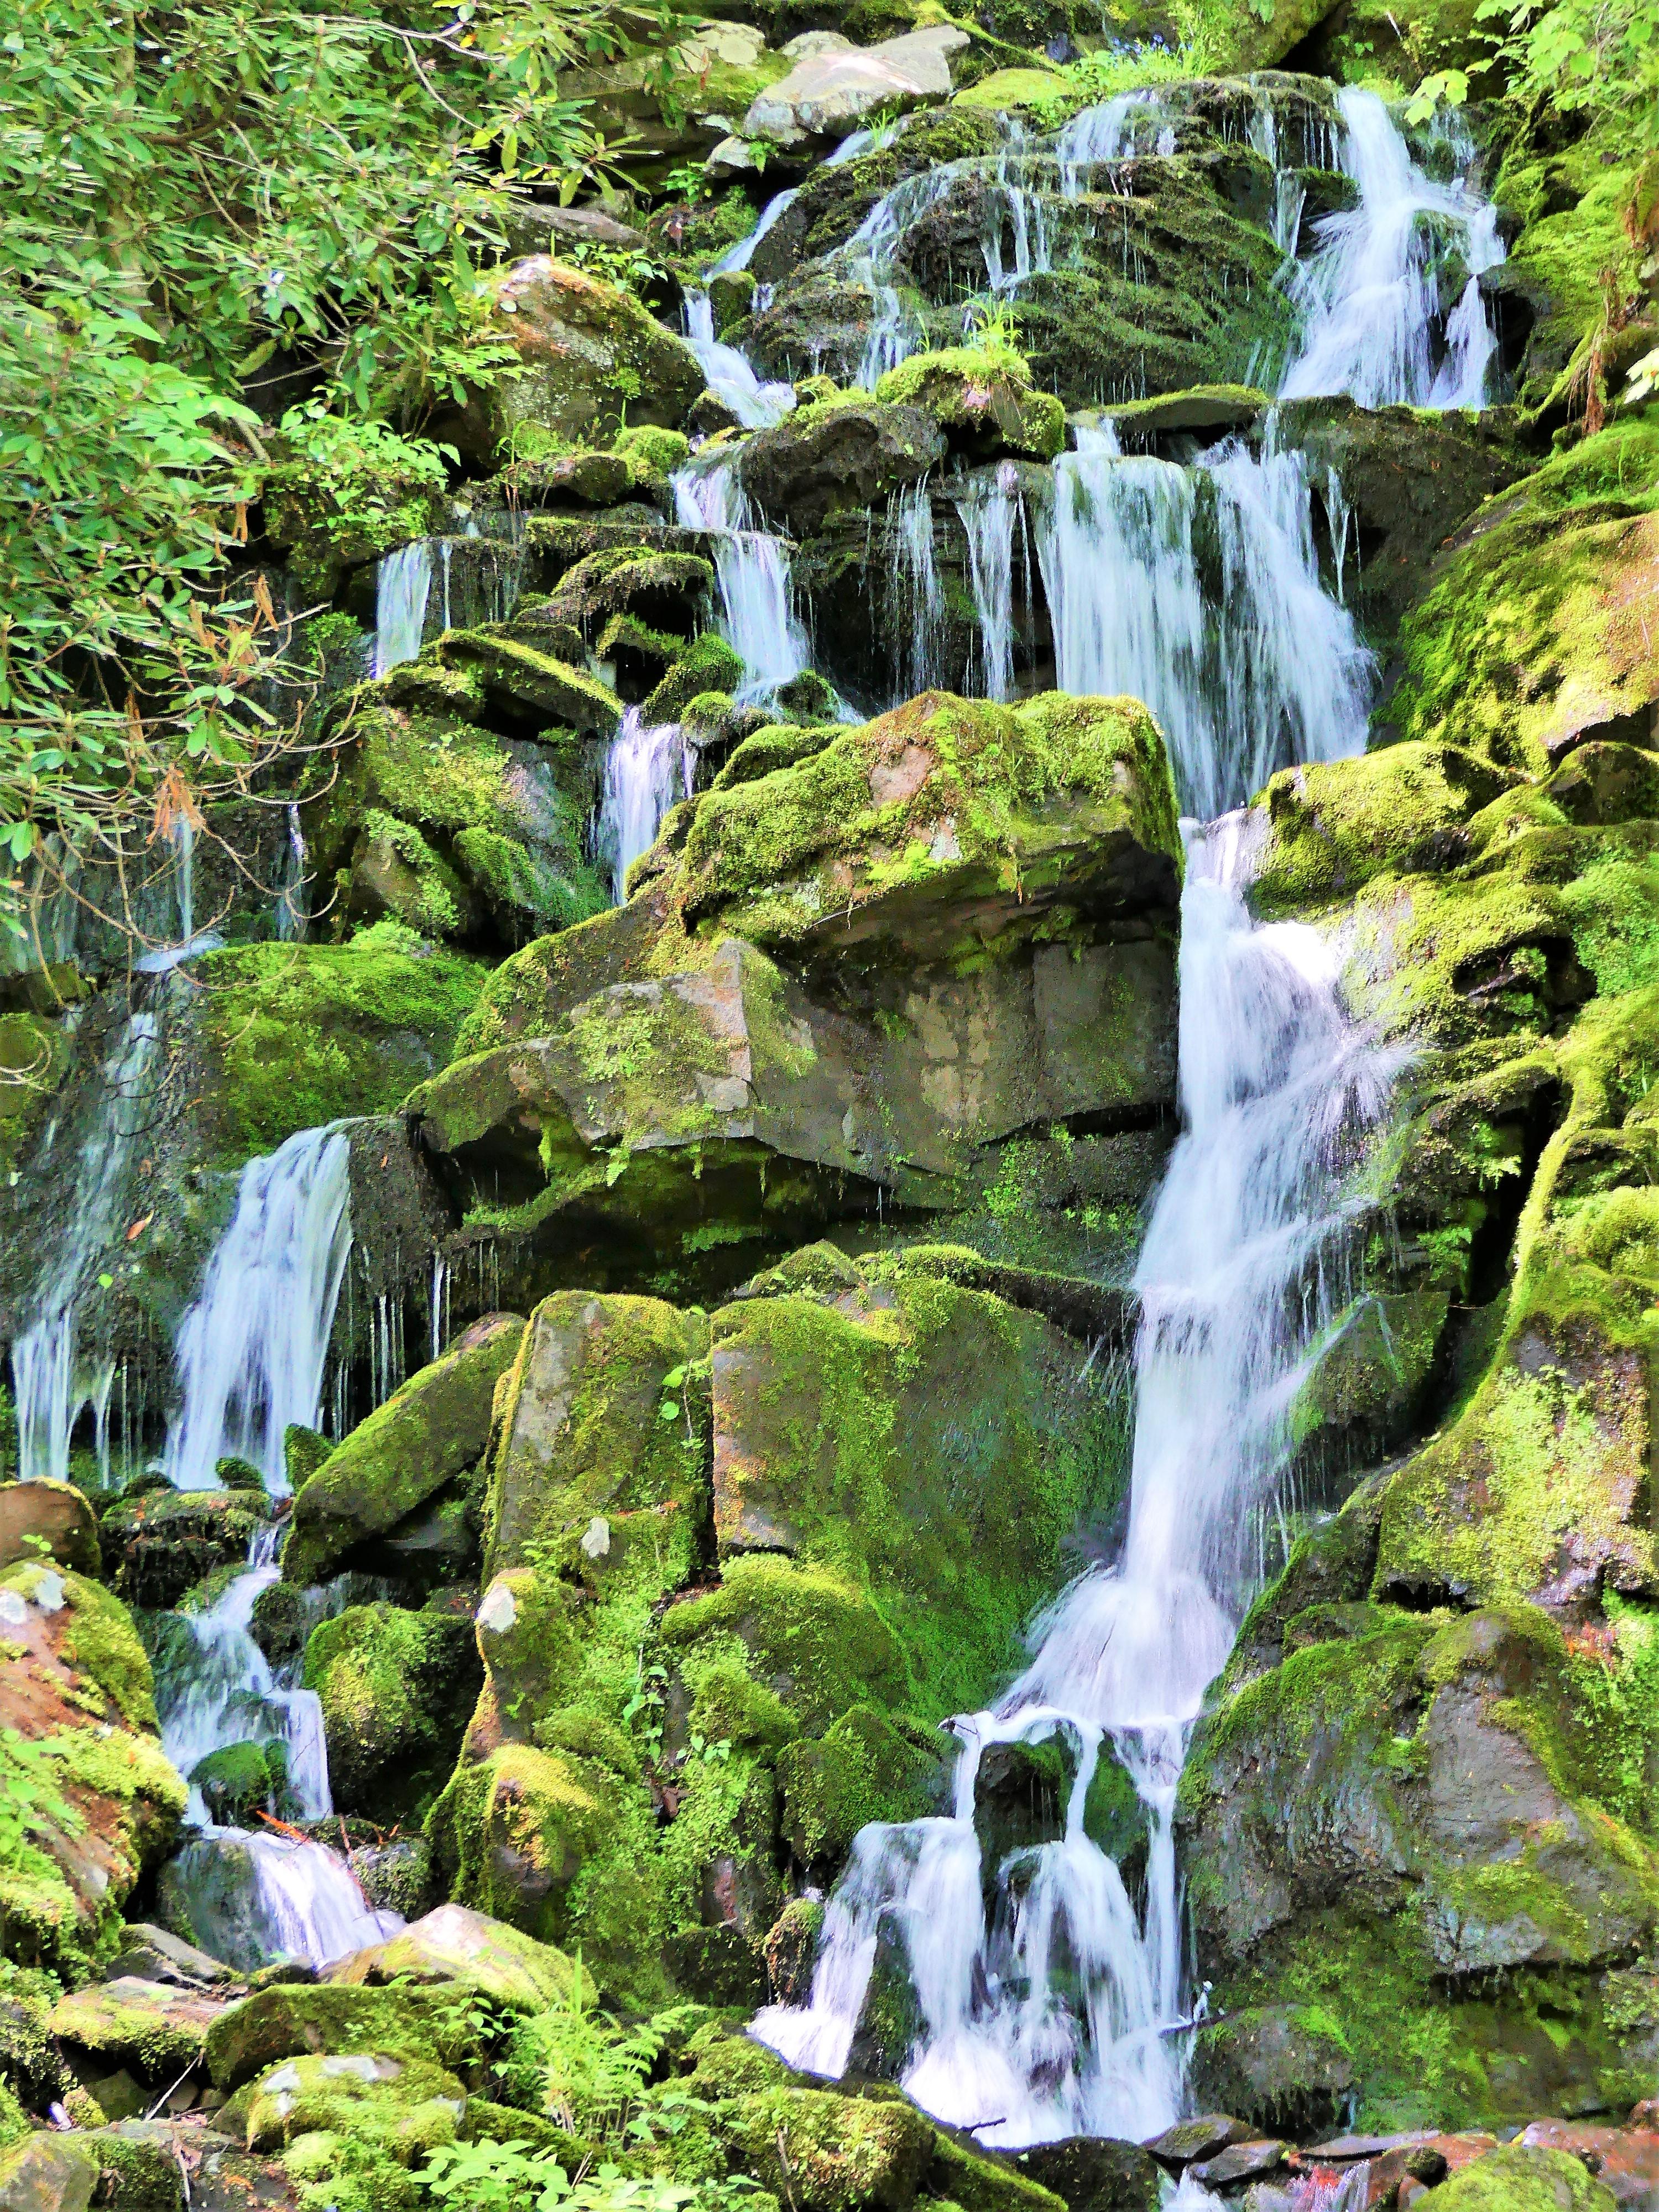 Lehigh Gorge falls